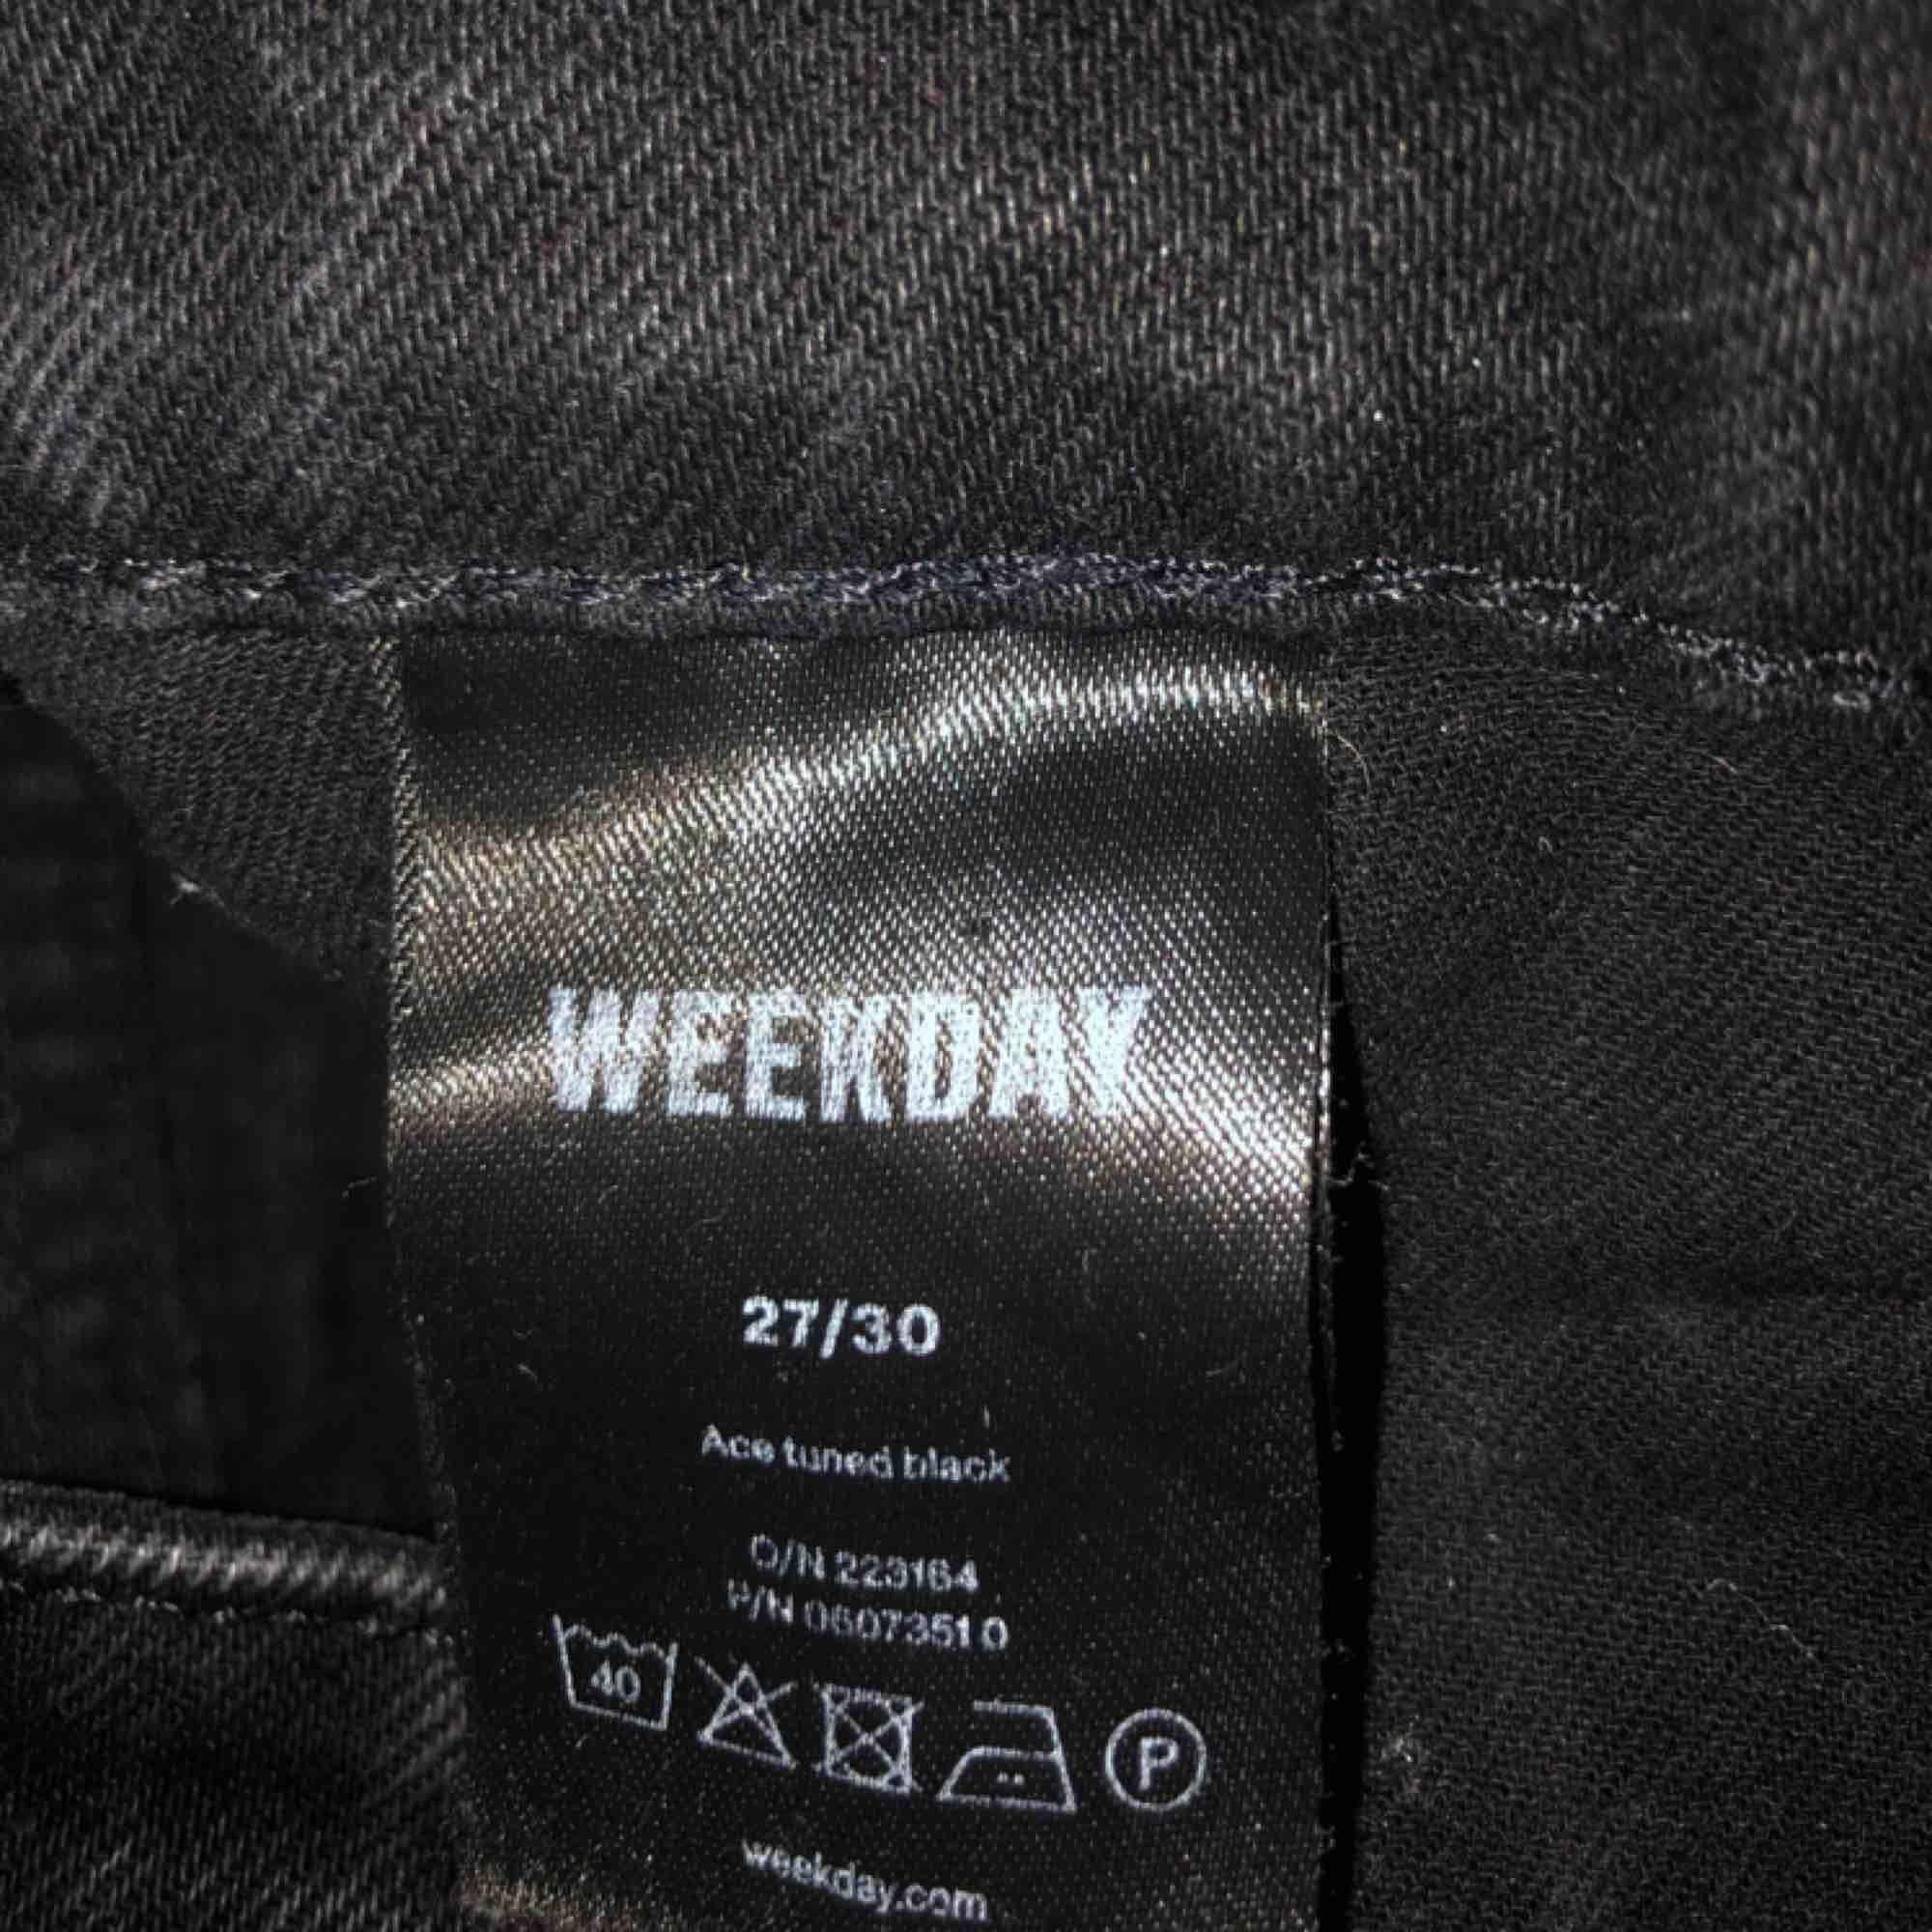 Ett par as nice washed black byxor från weekday i modellen ace! Säljes pga köpte fel storlek:((( 300kr + frakt!✨. Jeans & Byxor.